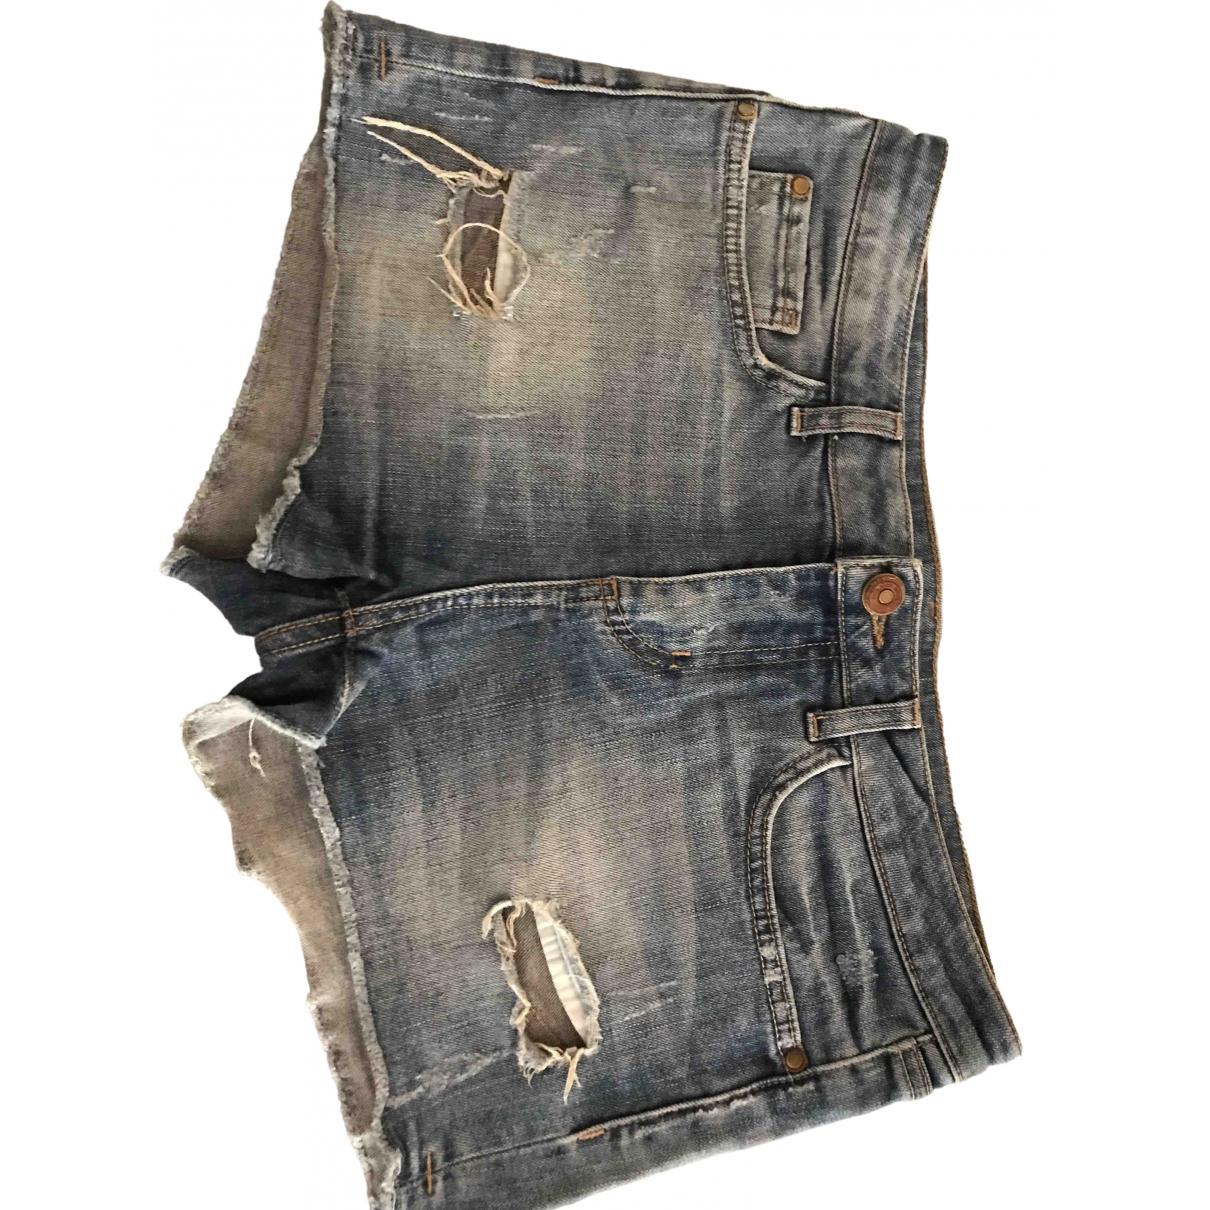 Zara \N Blue Denim - Jeans Shorts for Women 38 IT